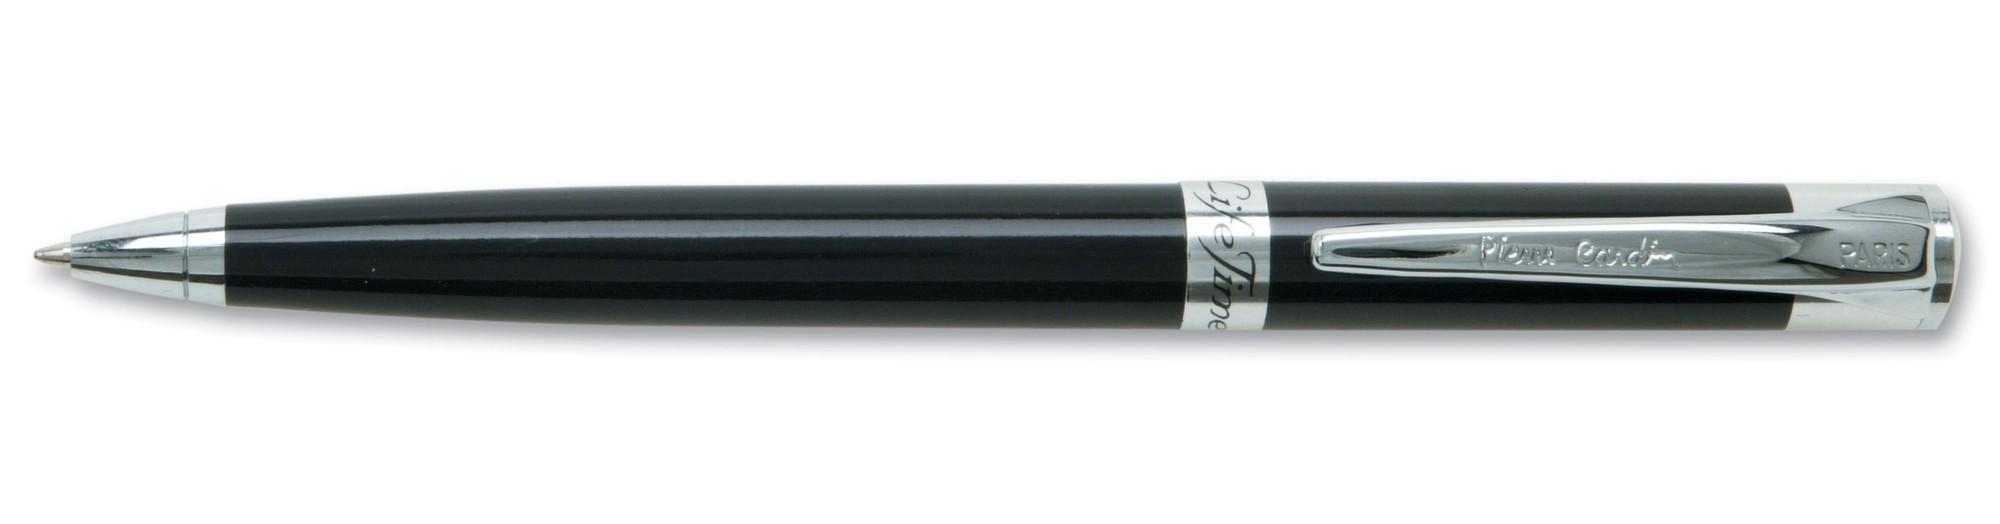 Черная лаковая шариковая ручка Pierre Cardin Gamme